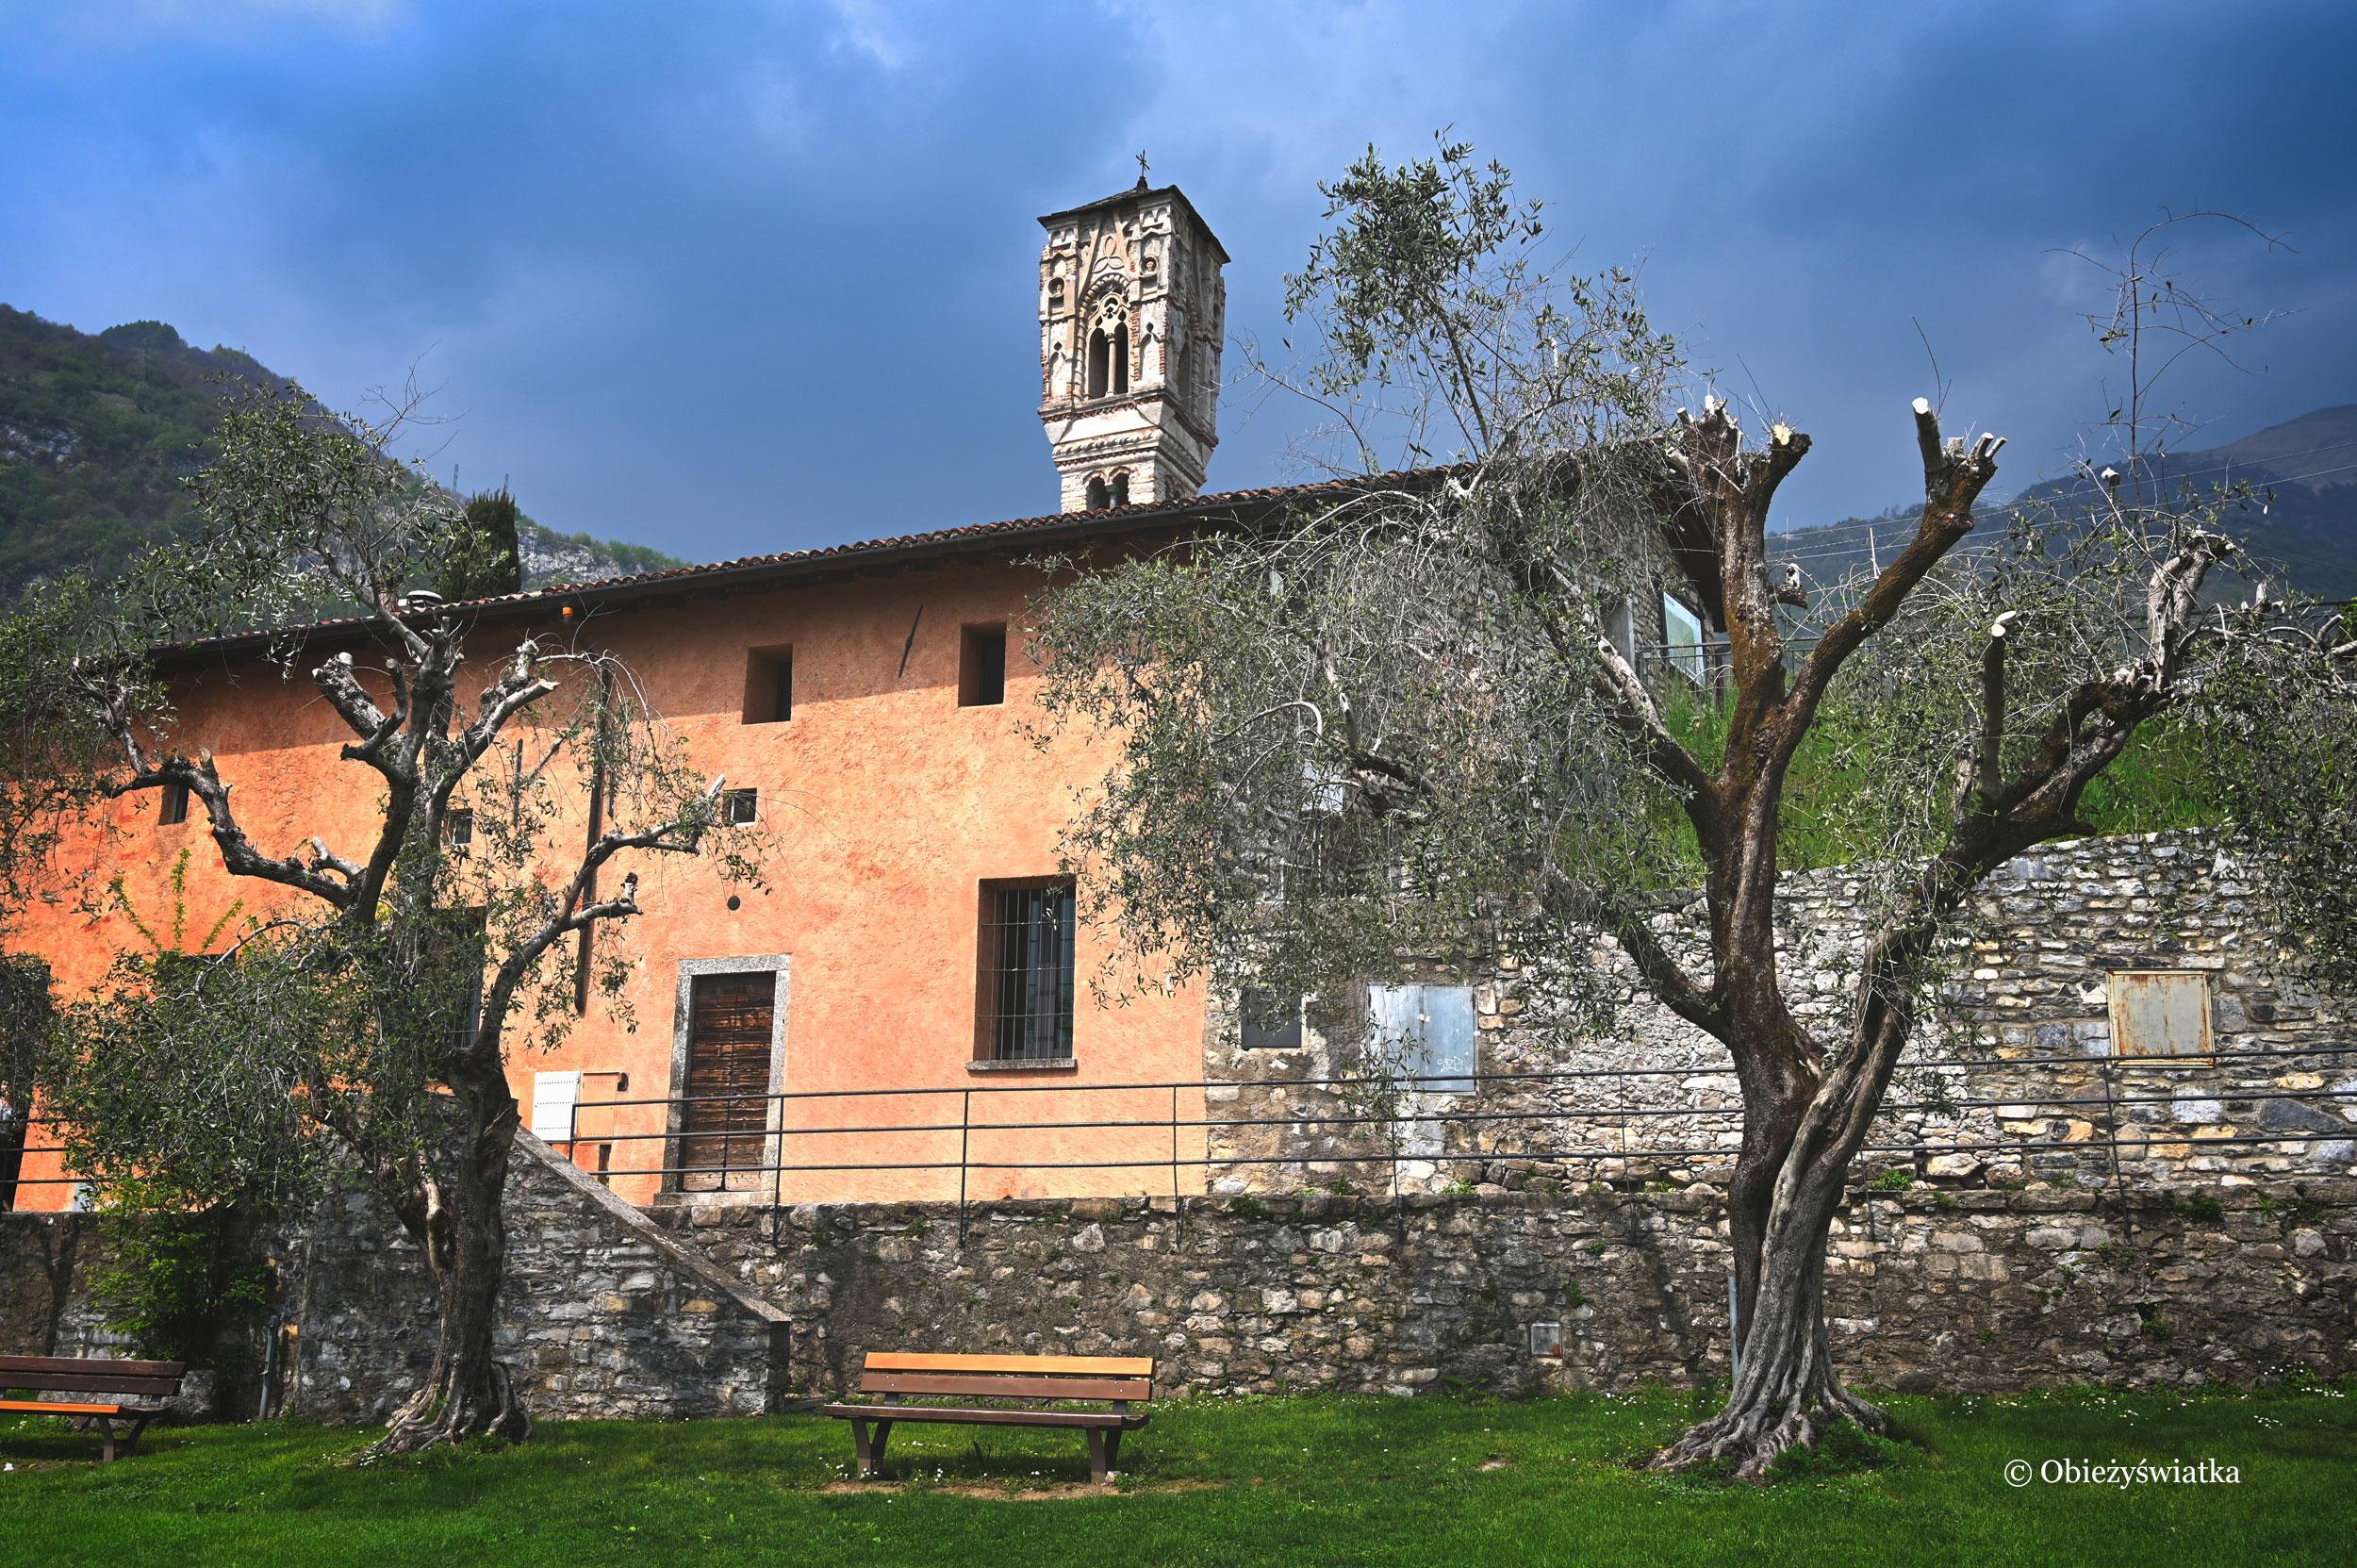 Romański kościółek Marii Magdaleny nad brzegiem Jeziora Como, Włochy